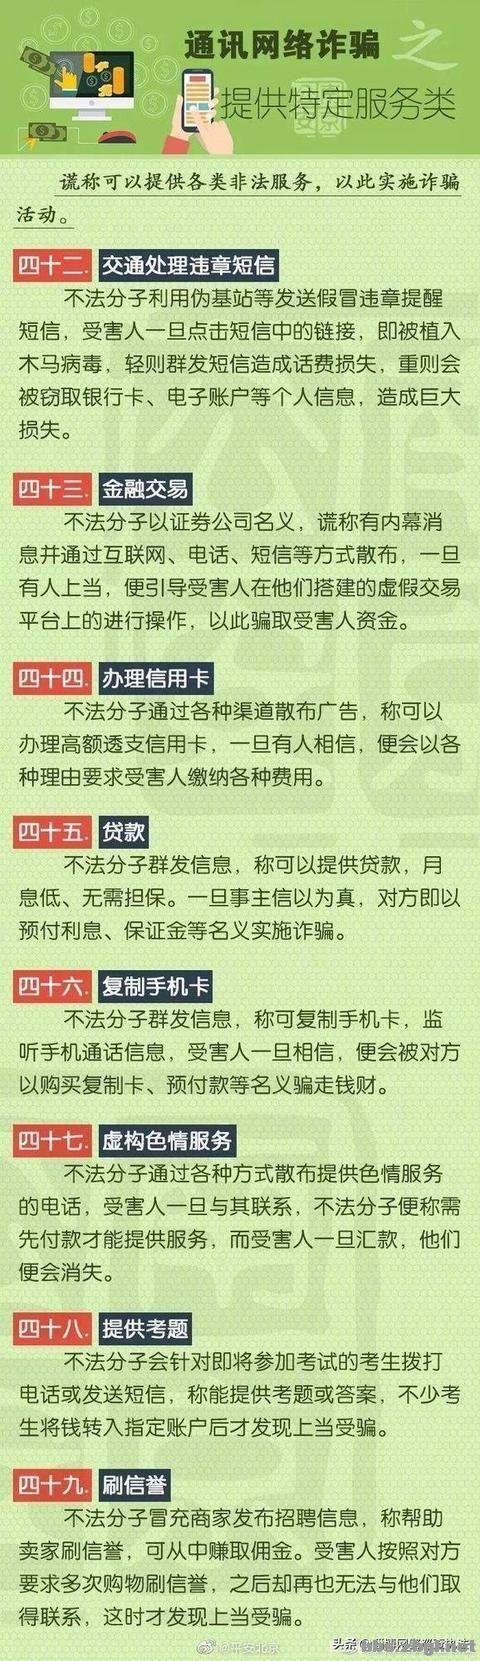 史上最全电信诈骗 58种诈骗手法9大类型 ????-7.jpg